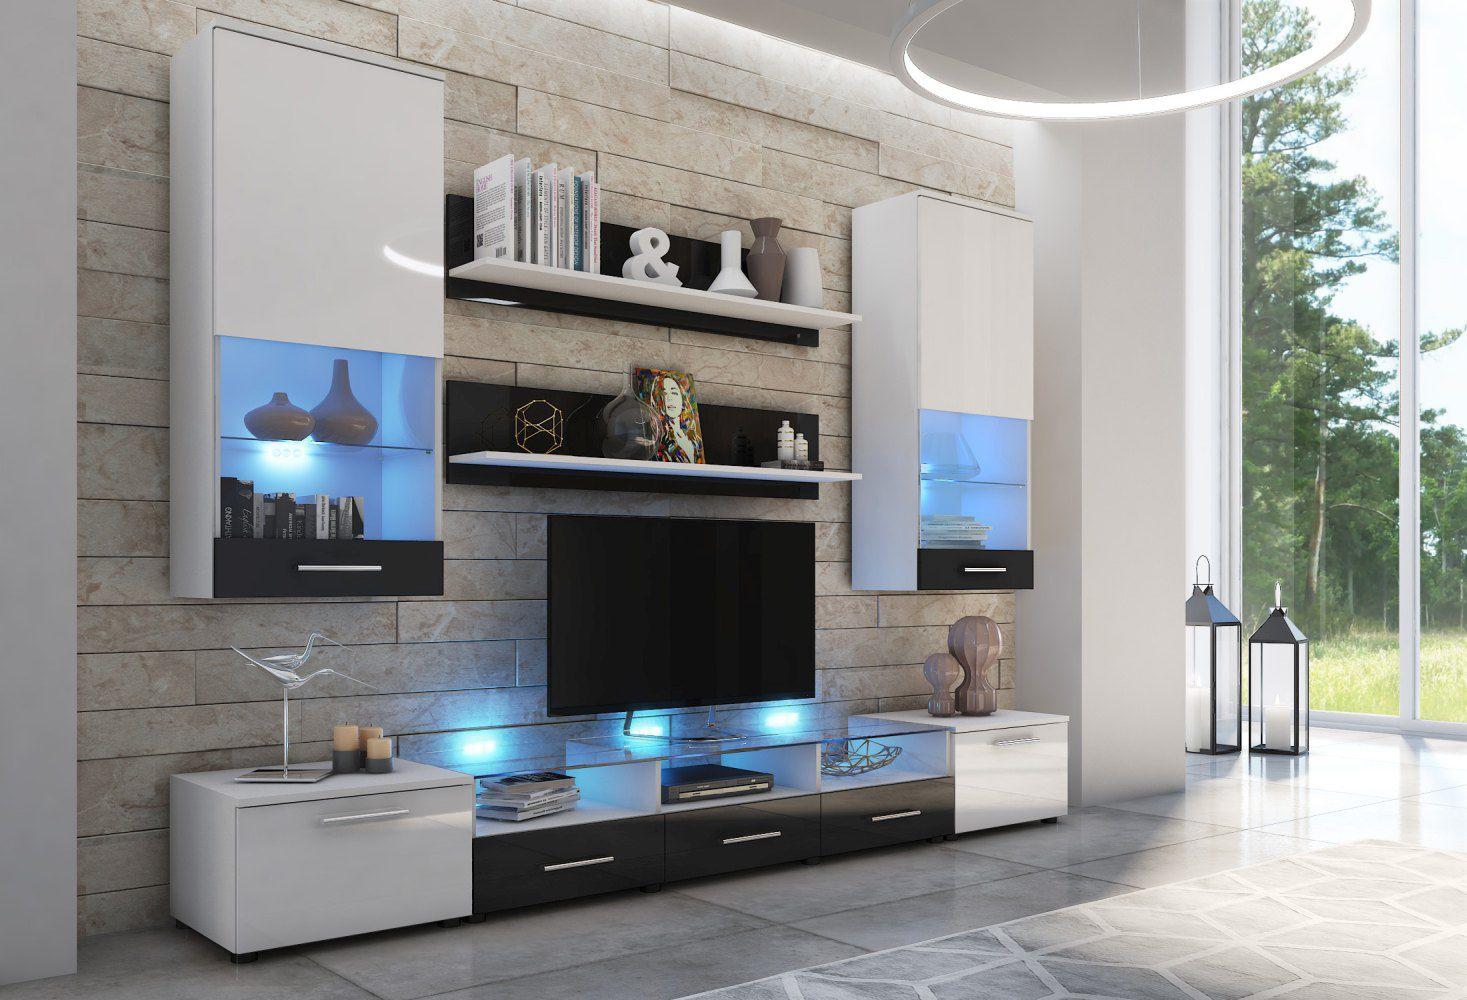 Wohnzimmer - Set F Seriola, 7-teilig, Farbe: Weiß / Weiß Glanz / Schwarz Glanz